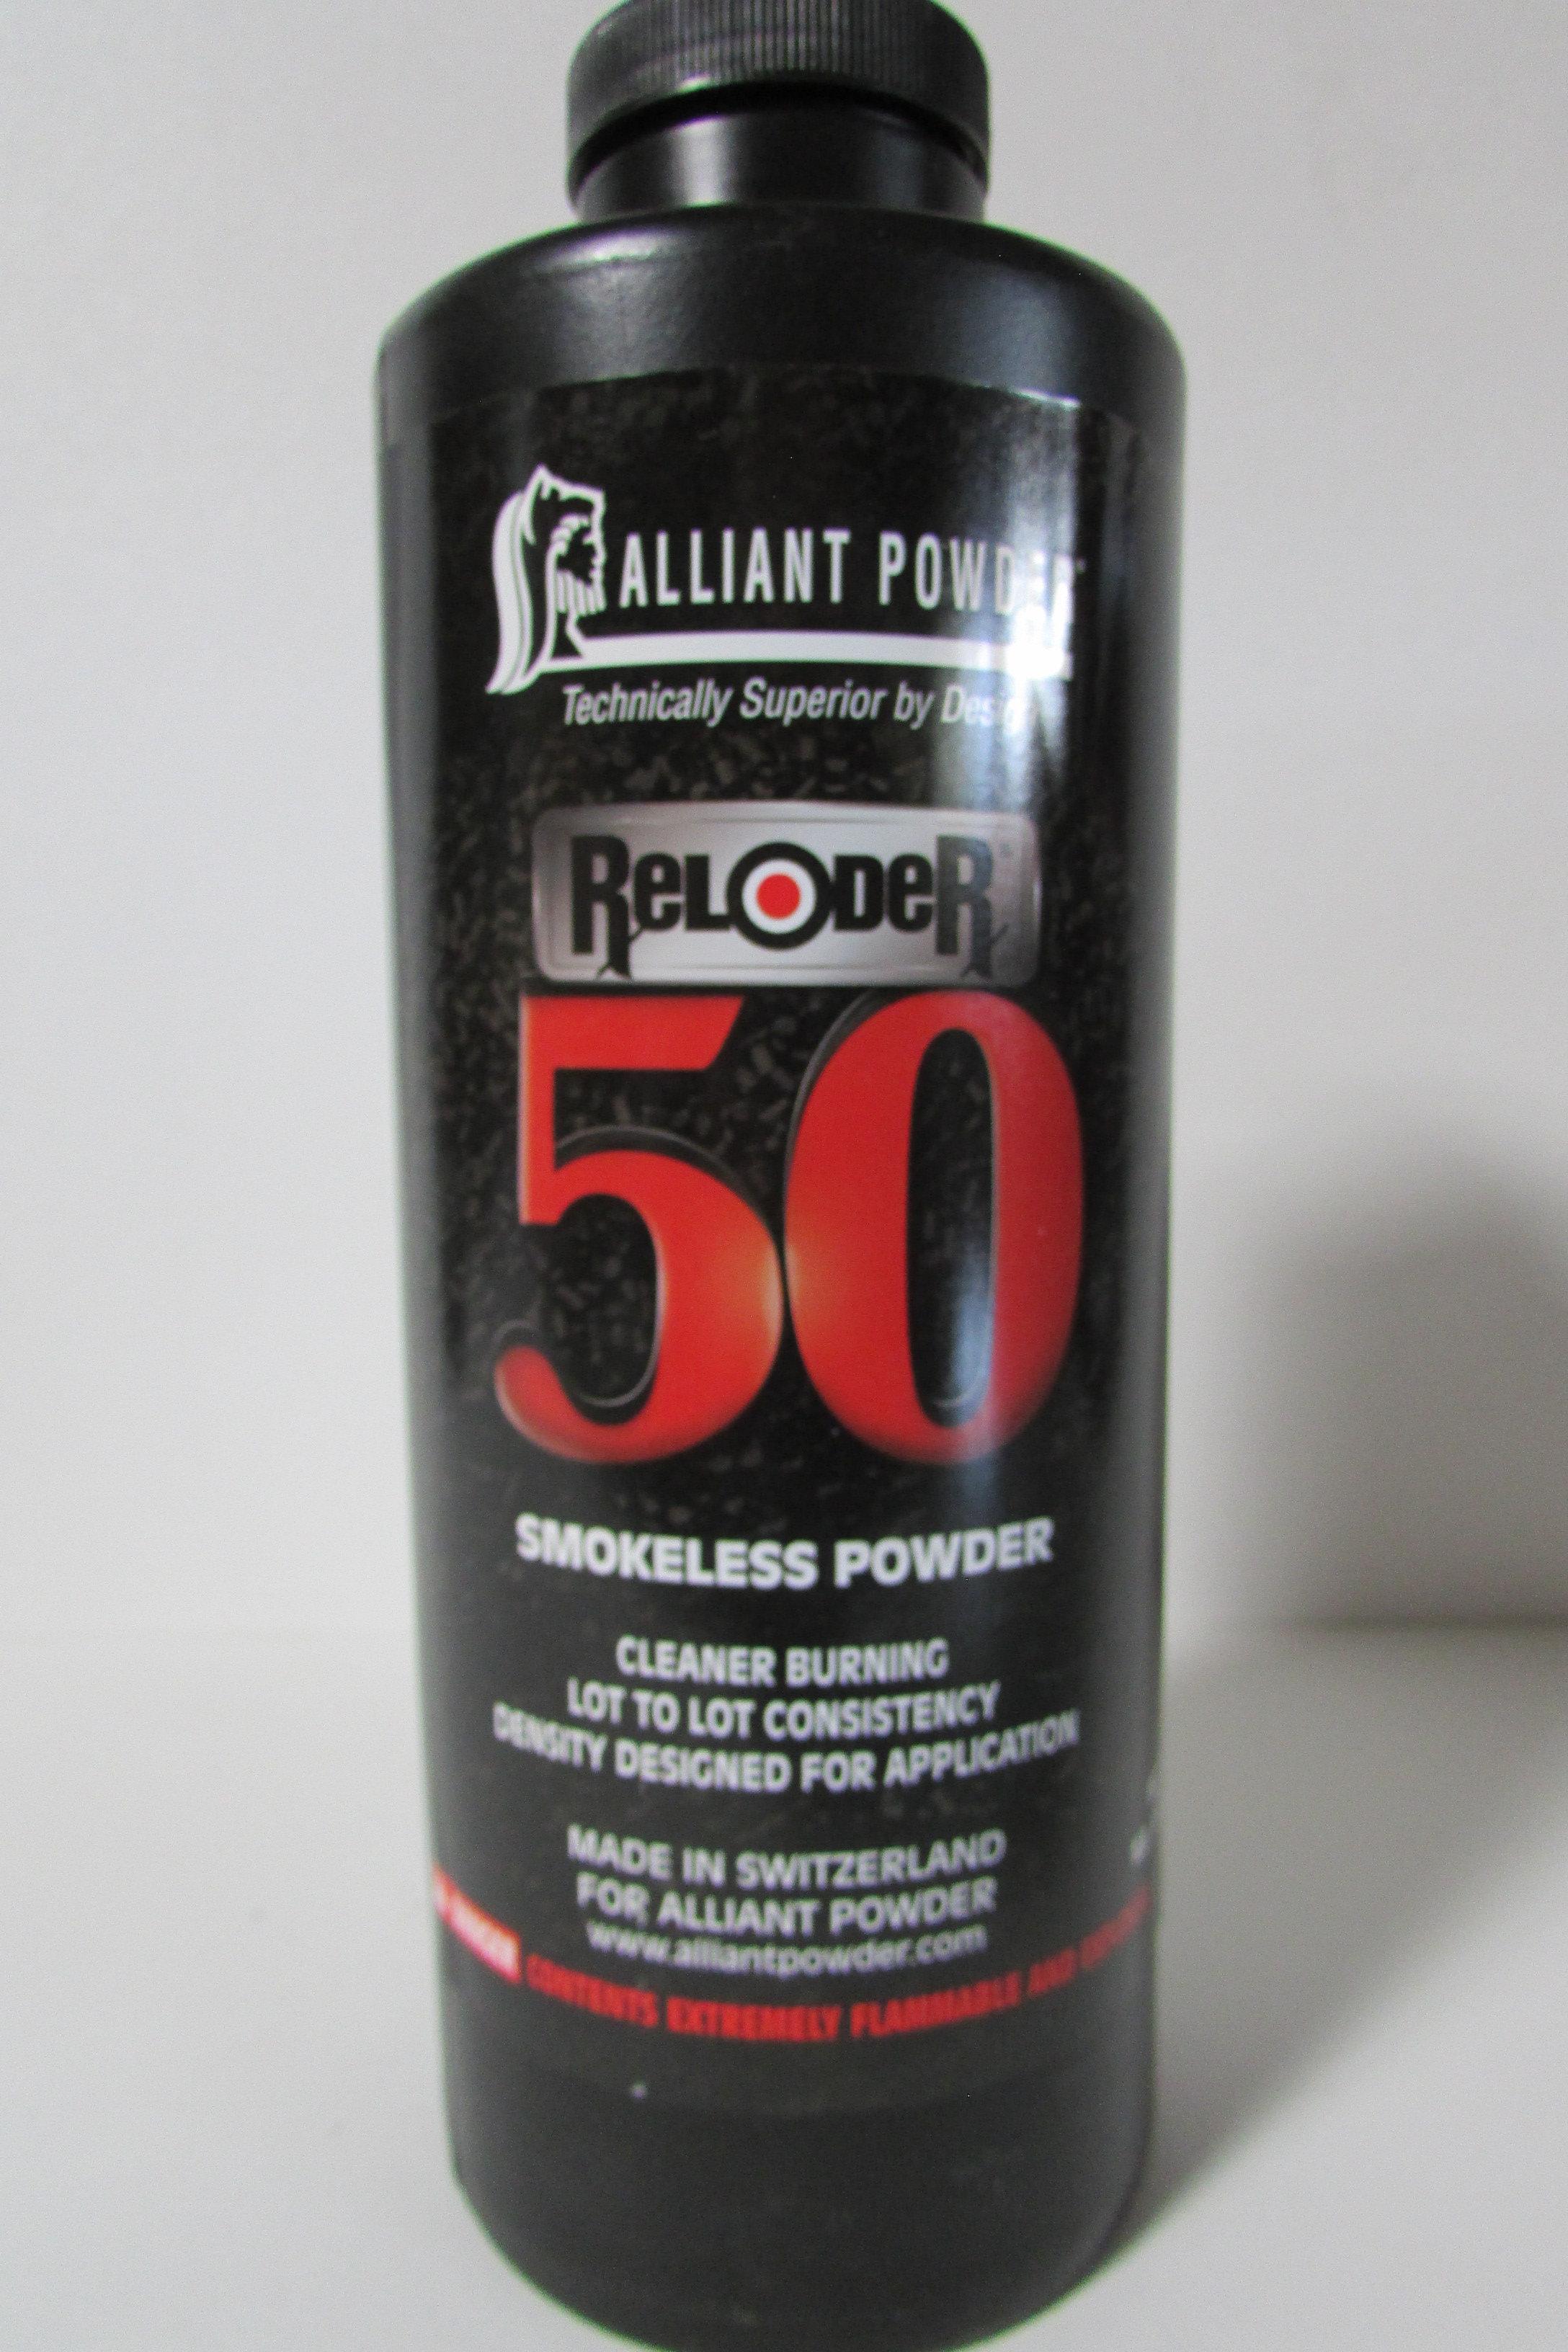 Alliant Powder Reloader 50 1lb